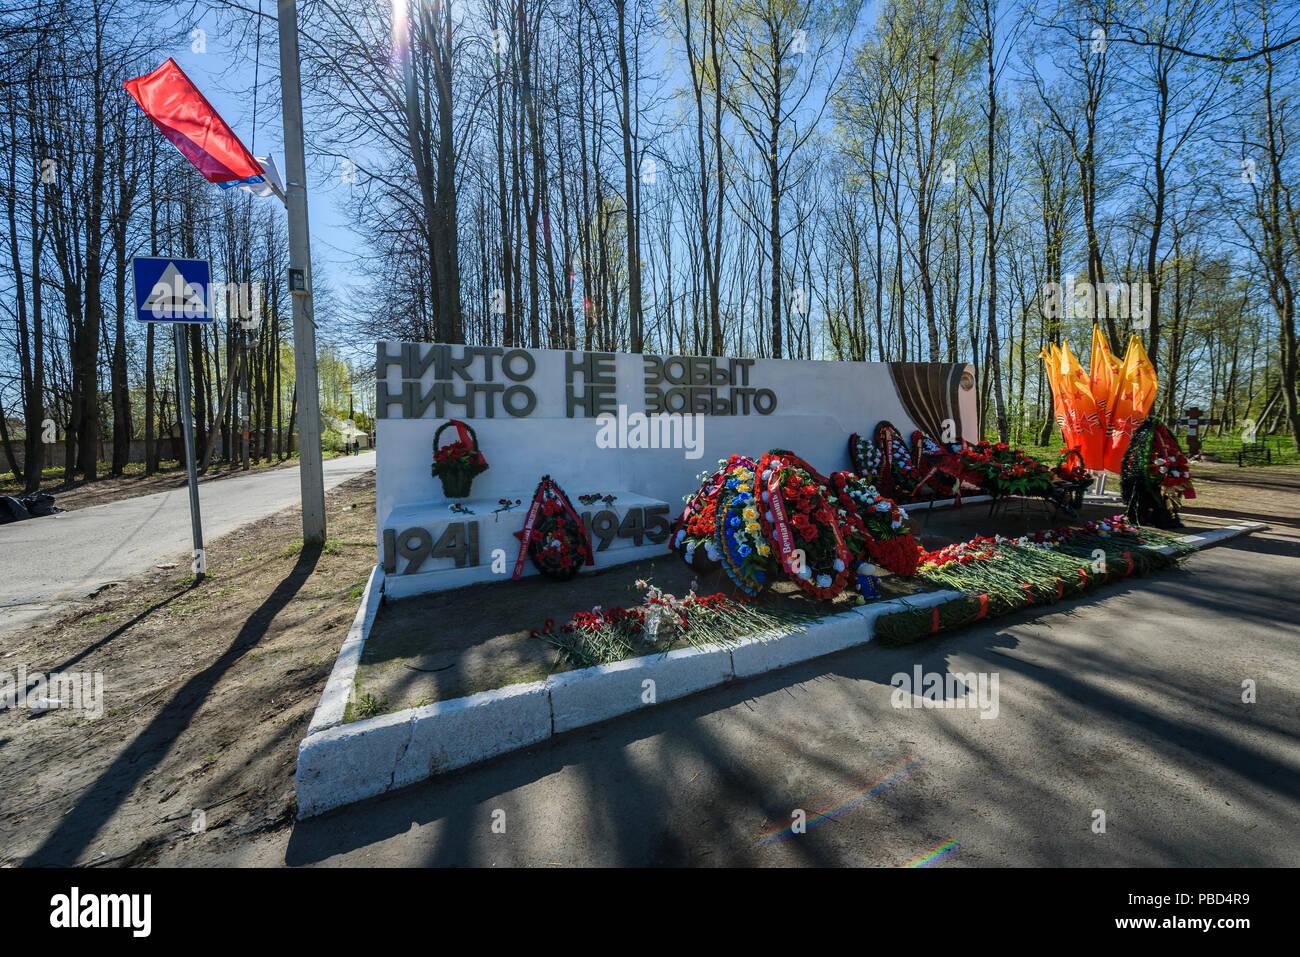 Cimetière de la route de la vie consacrée à la morts dans le Blocus pendant la Seconde Guerre mondiale à Leningrad, St Petersbourg, Russie. Photo Stock